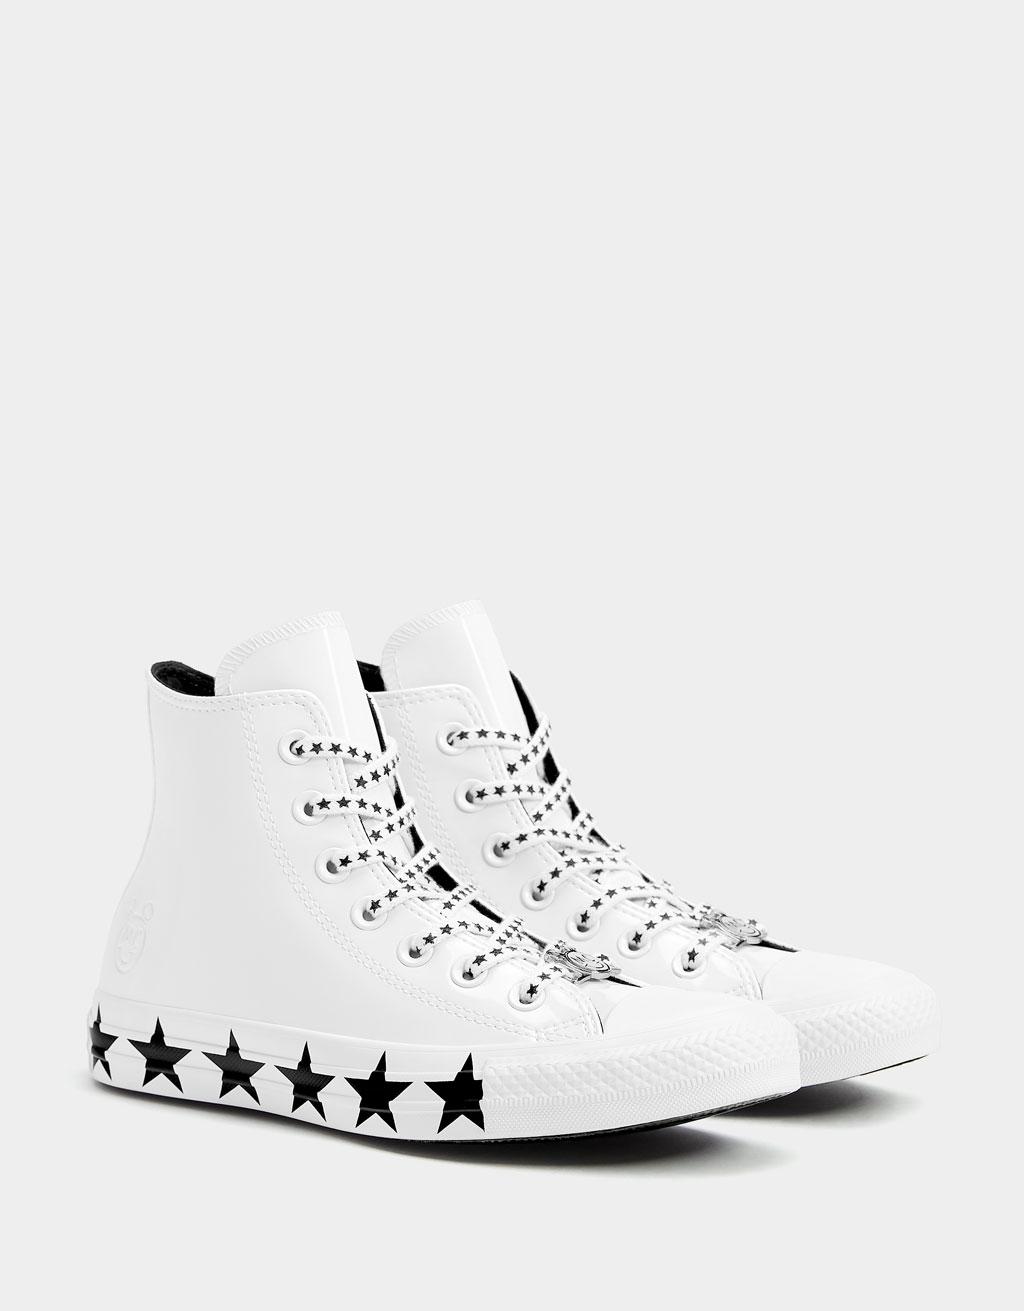 Letzte Converse Niedrige Schuhe Kaufen | Converse X Miley